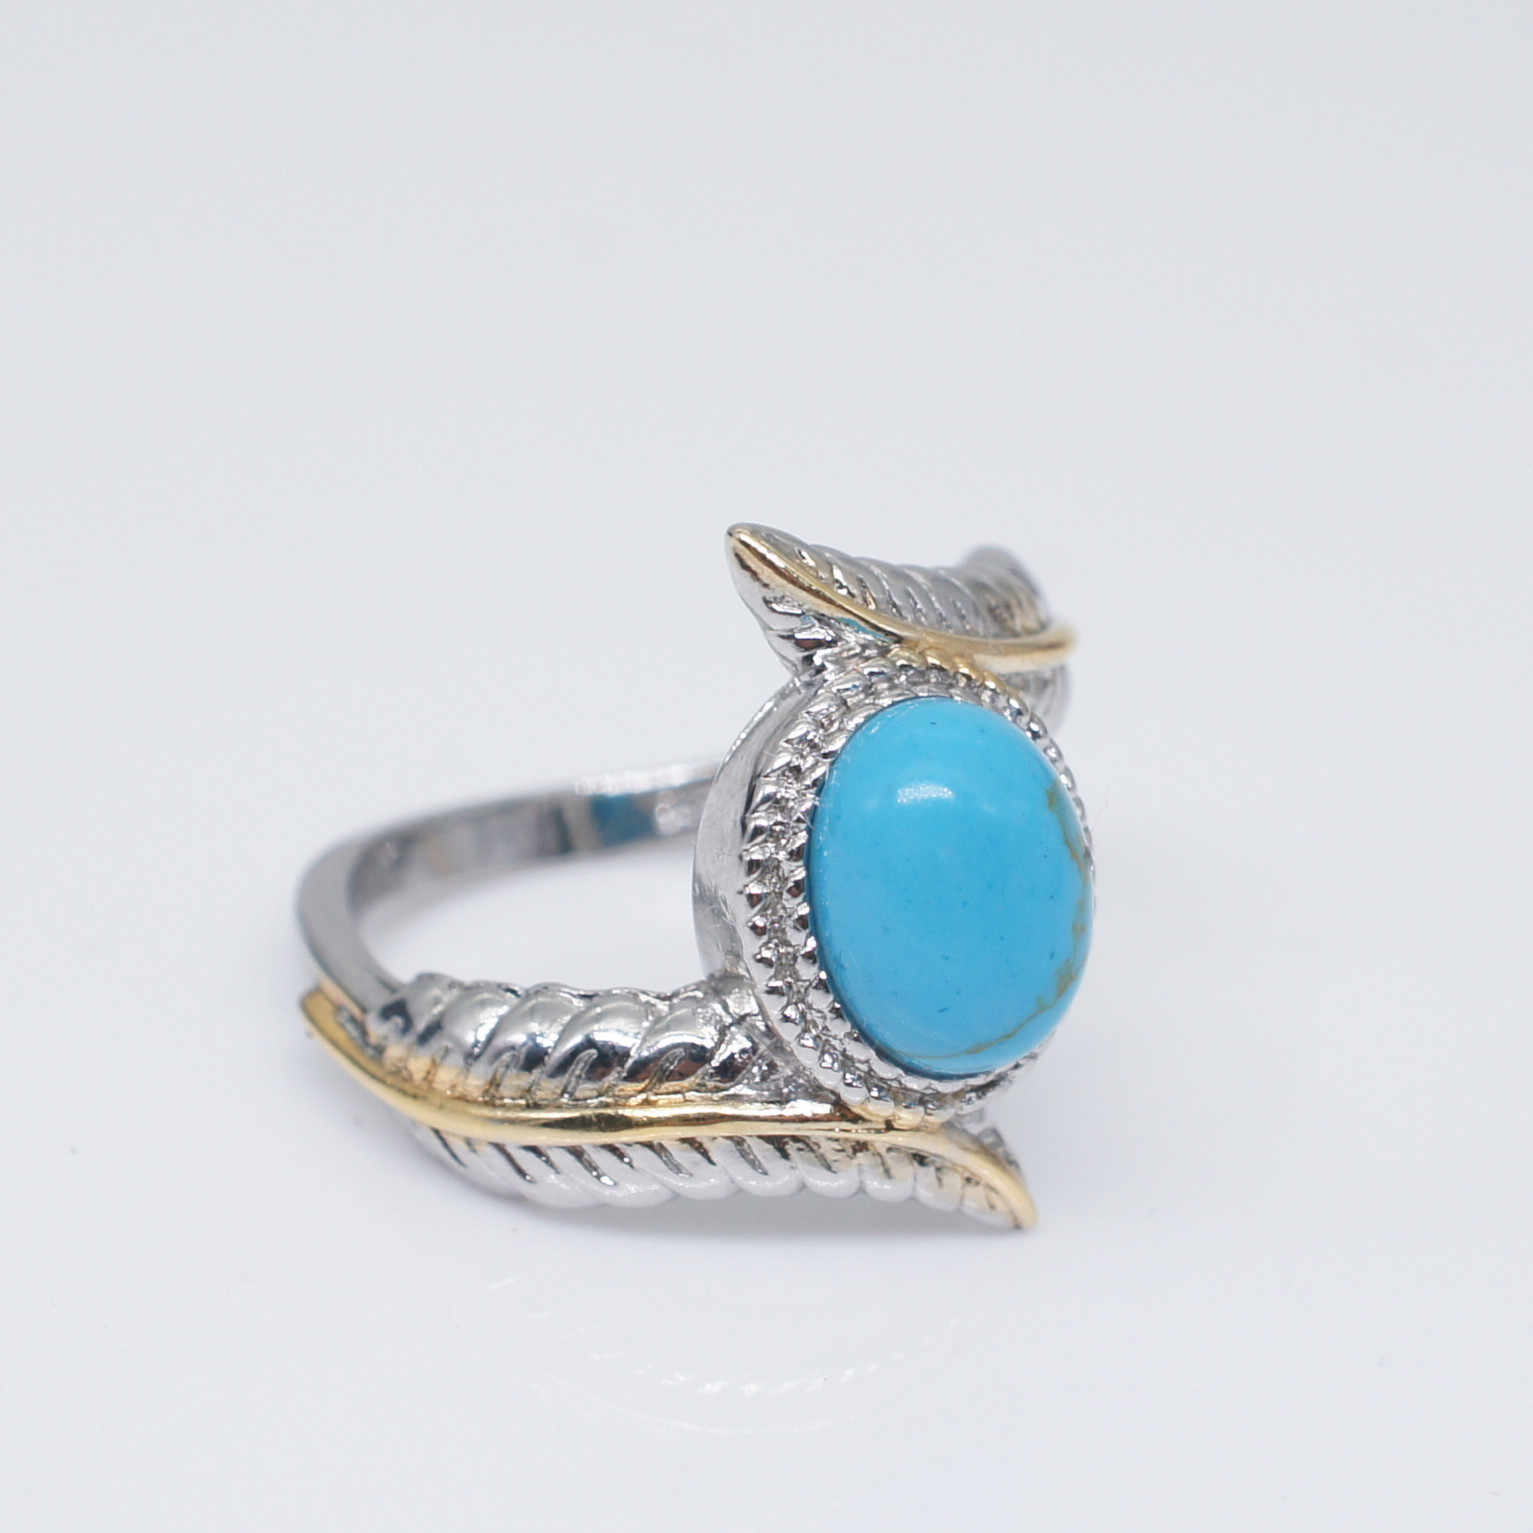 ใหม่ VINTAGE Bohemian ชาติพันธุ์ Big Blue Finger แหวนเงินสี Leaf รูปแบบ Turquoise งานแต่งงานแหวน Bijoux ของขวัญ